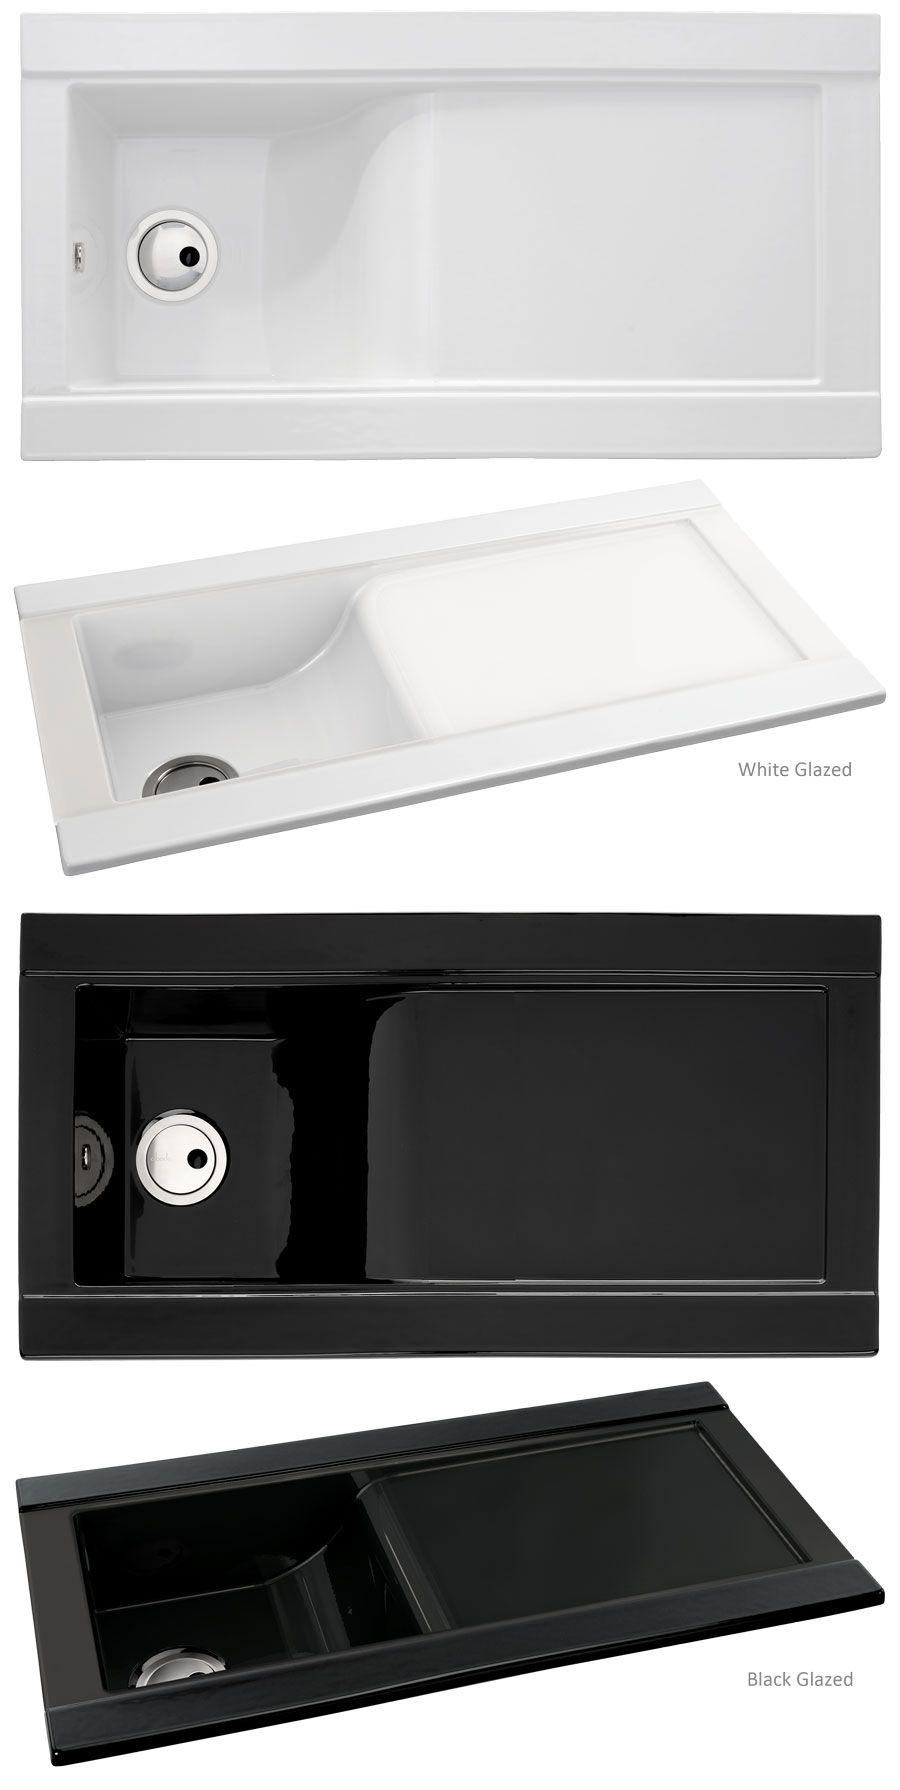 Abode tydal single bowl ceramic sink award winning design http abode tydal single bowl ceramic sink award winning design httpwww workwithnaturefo